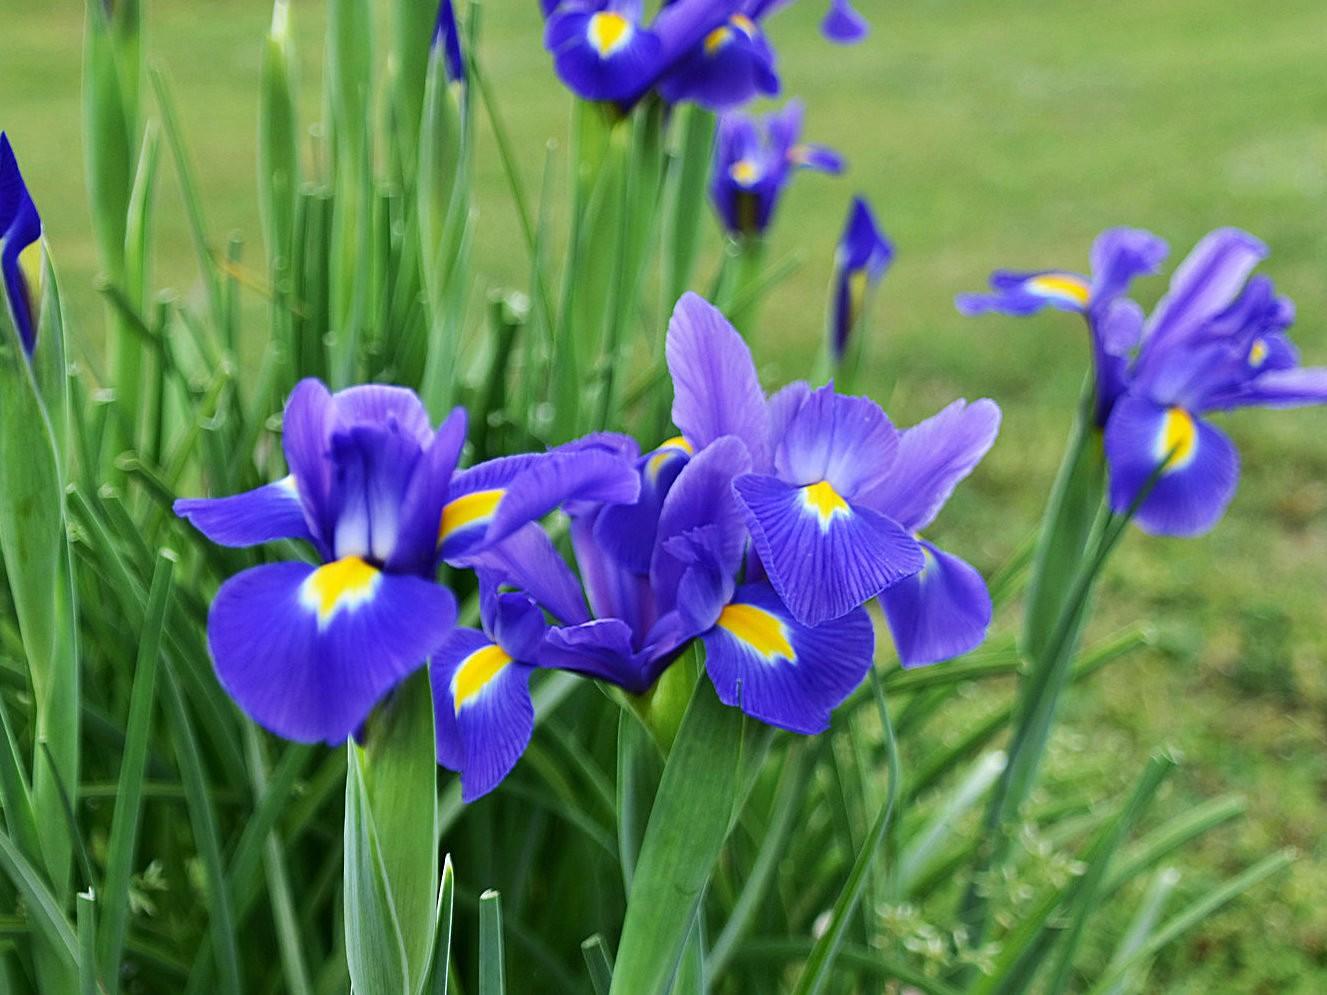 年年盛放的紫鸢花_图1-5